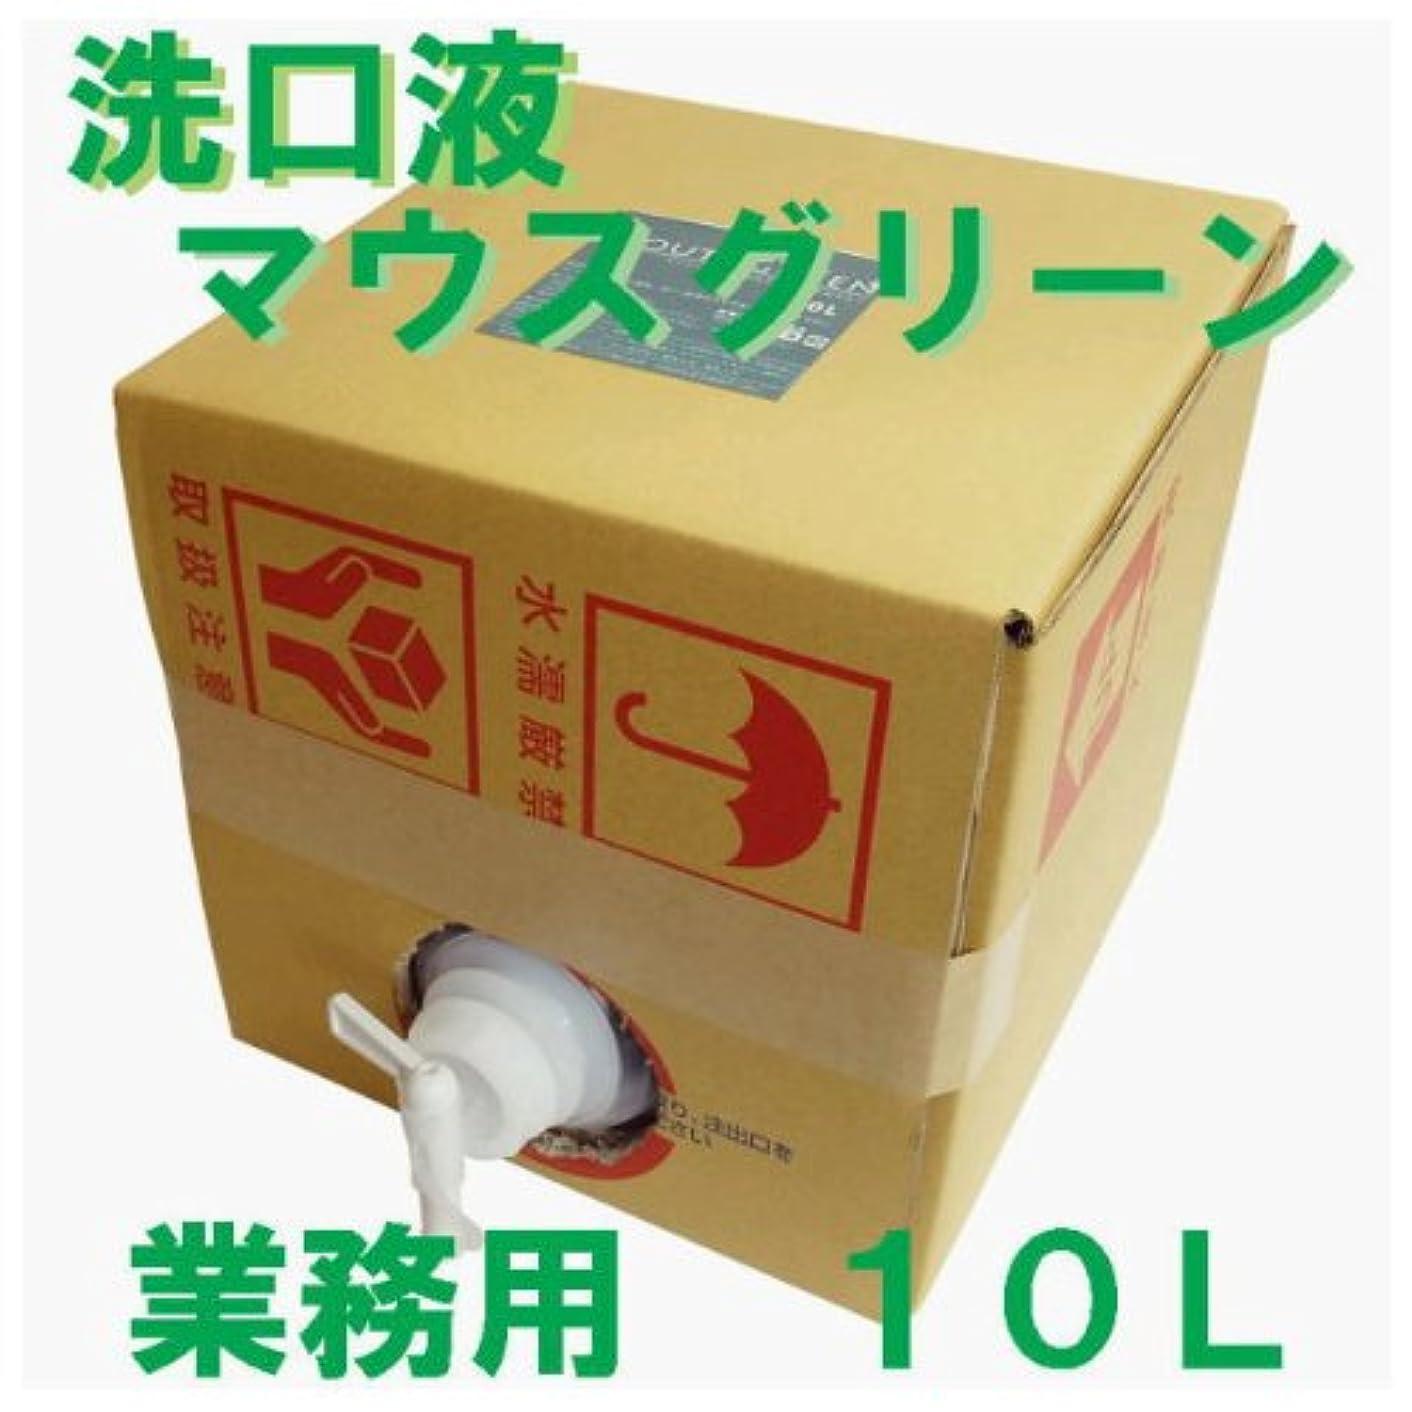 未払い心配する乳業務用 口腔化粧品 マウスグリーン洗口液 10L